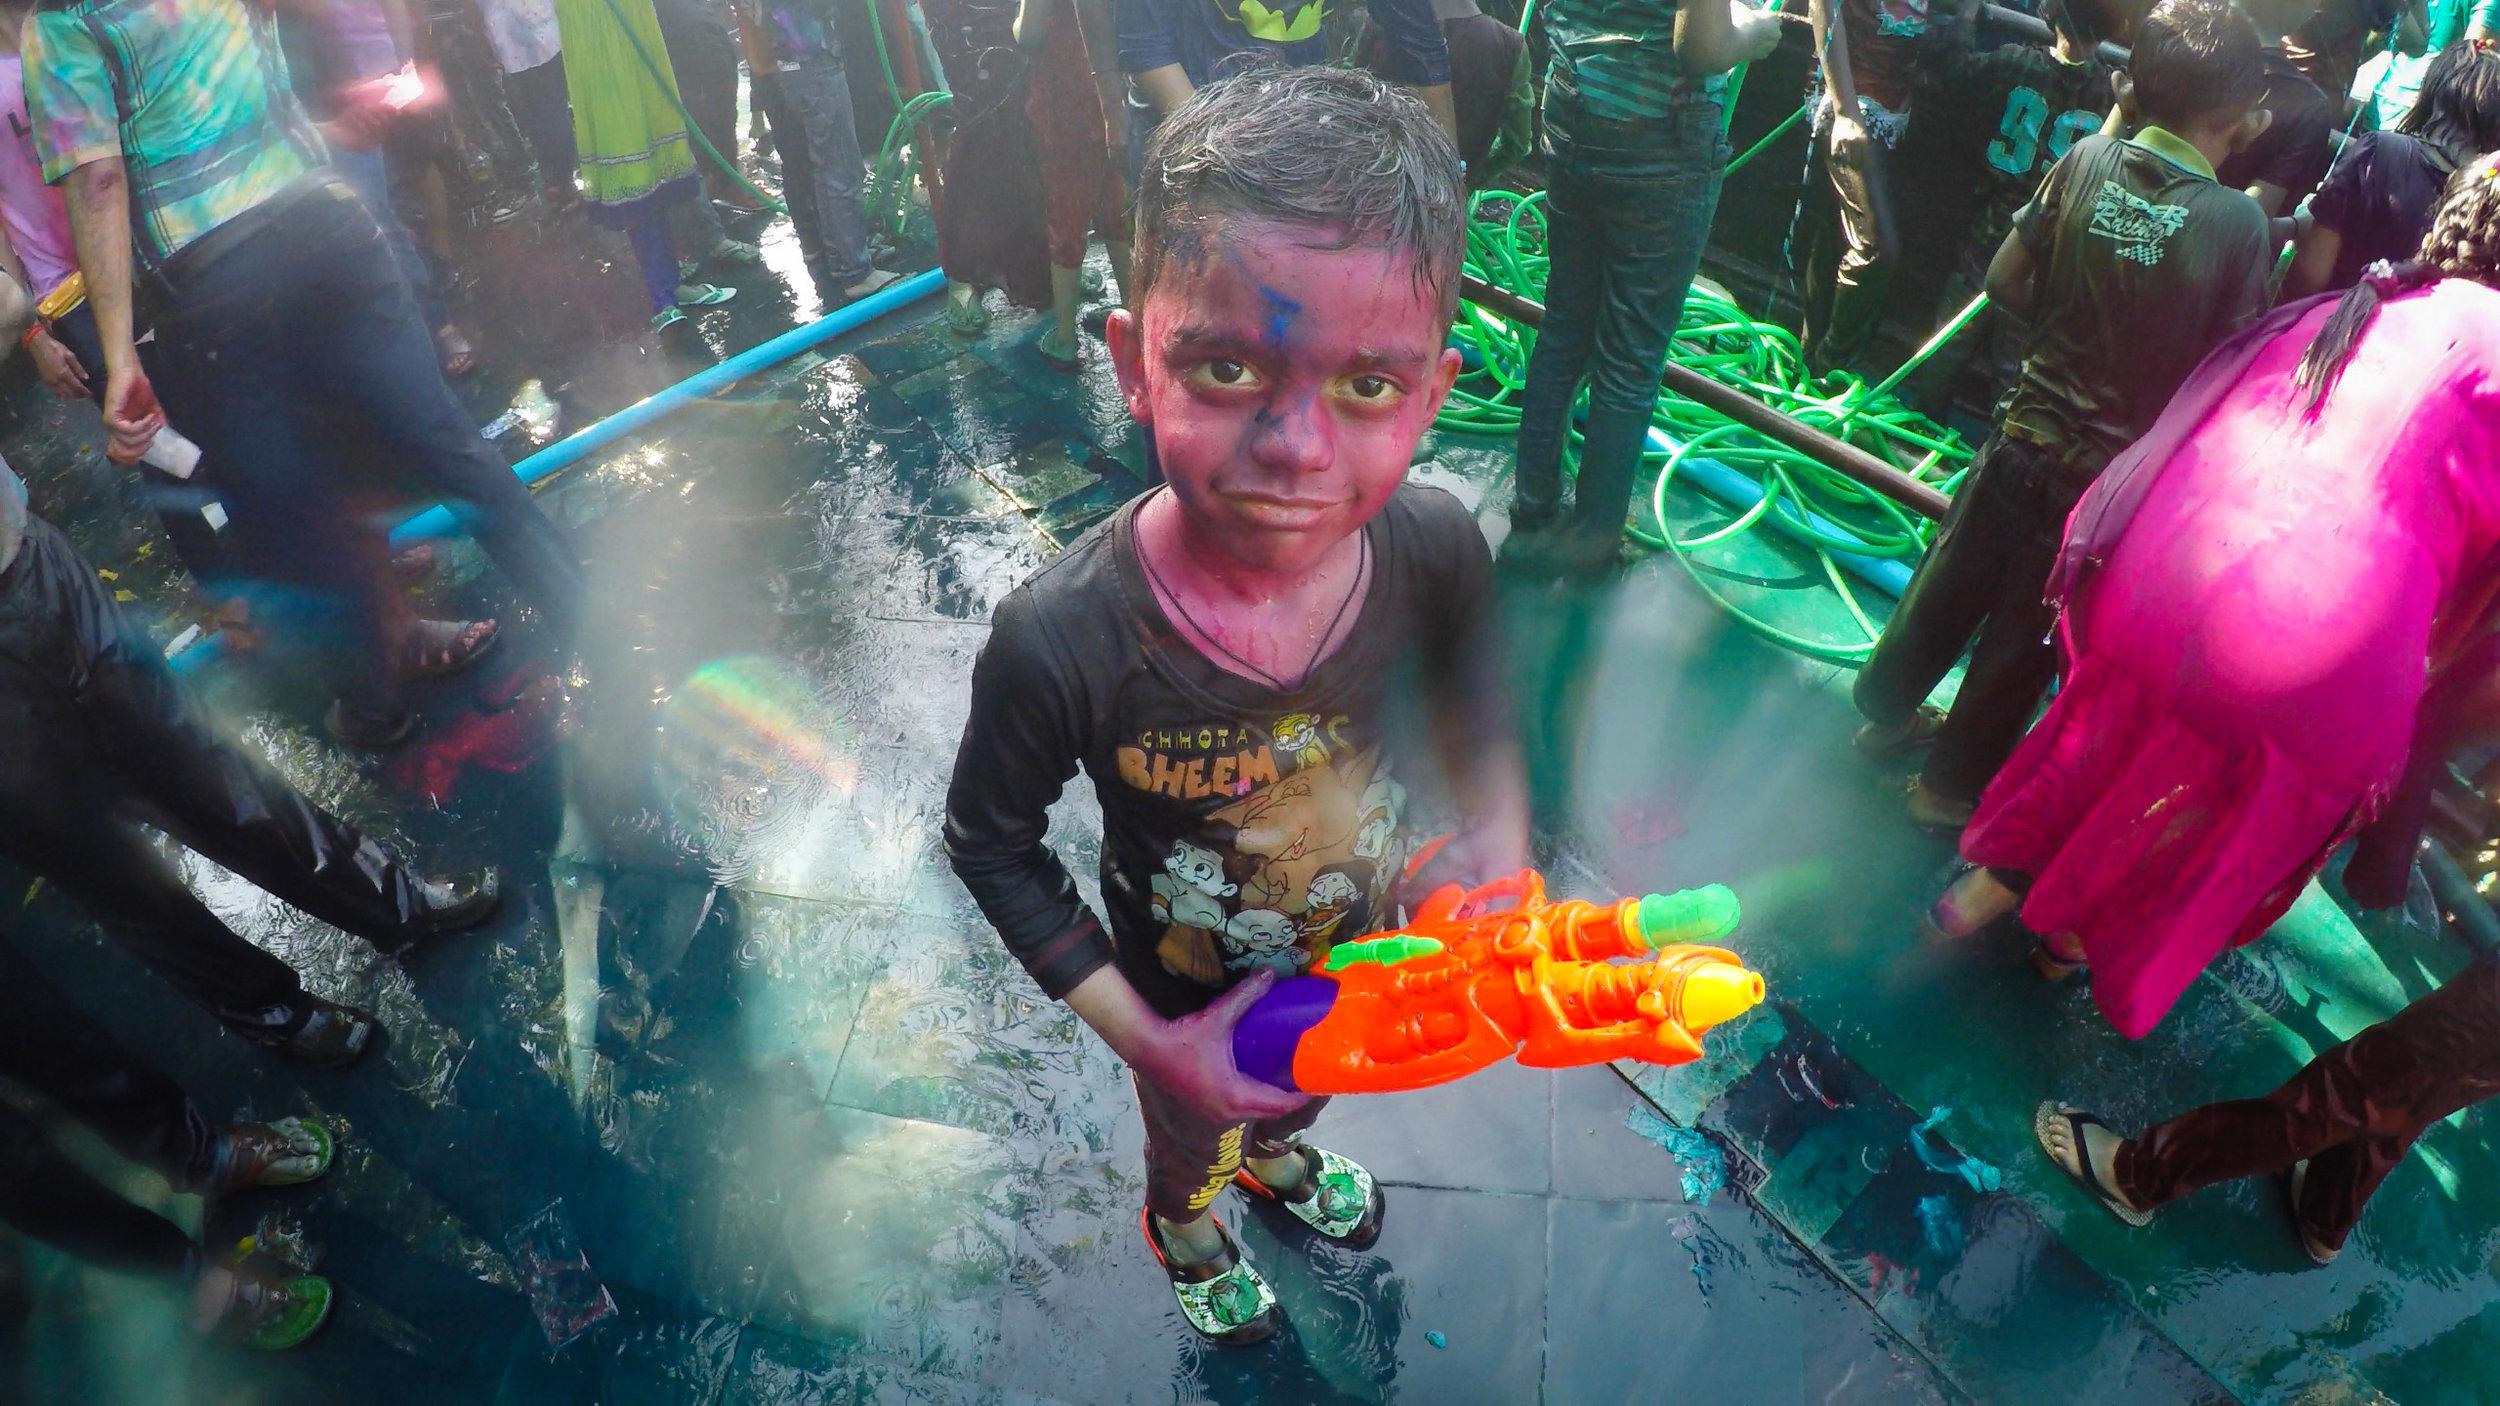 A common sight at the 2017 Holi Celebration in Yangon. Shot using a waterproof GoPro Hero 4. Kandawgyi Lake, Yangon.